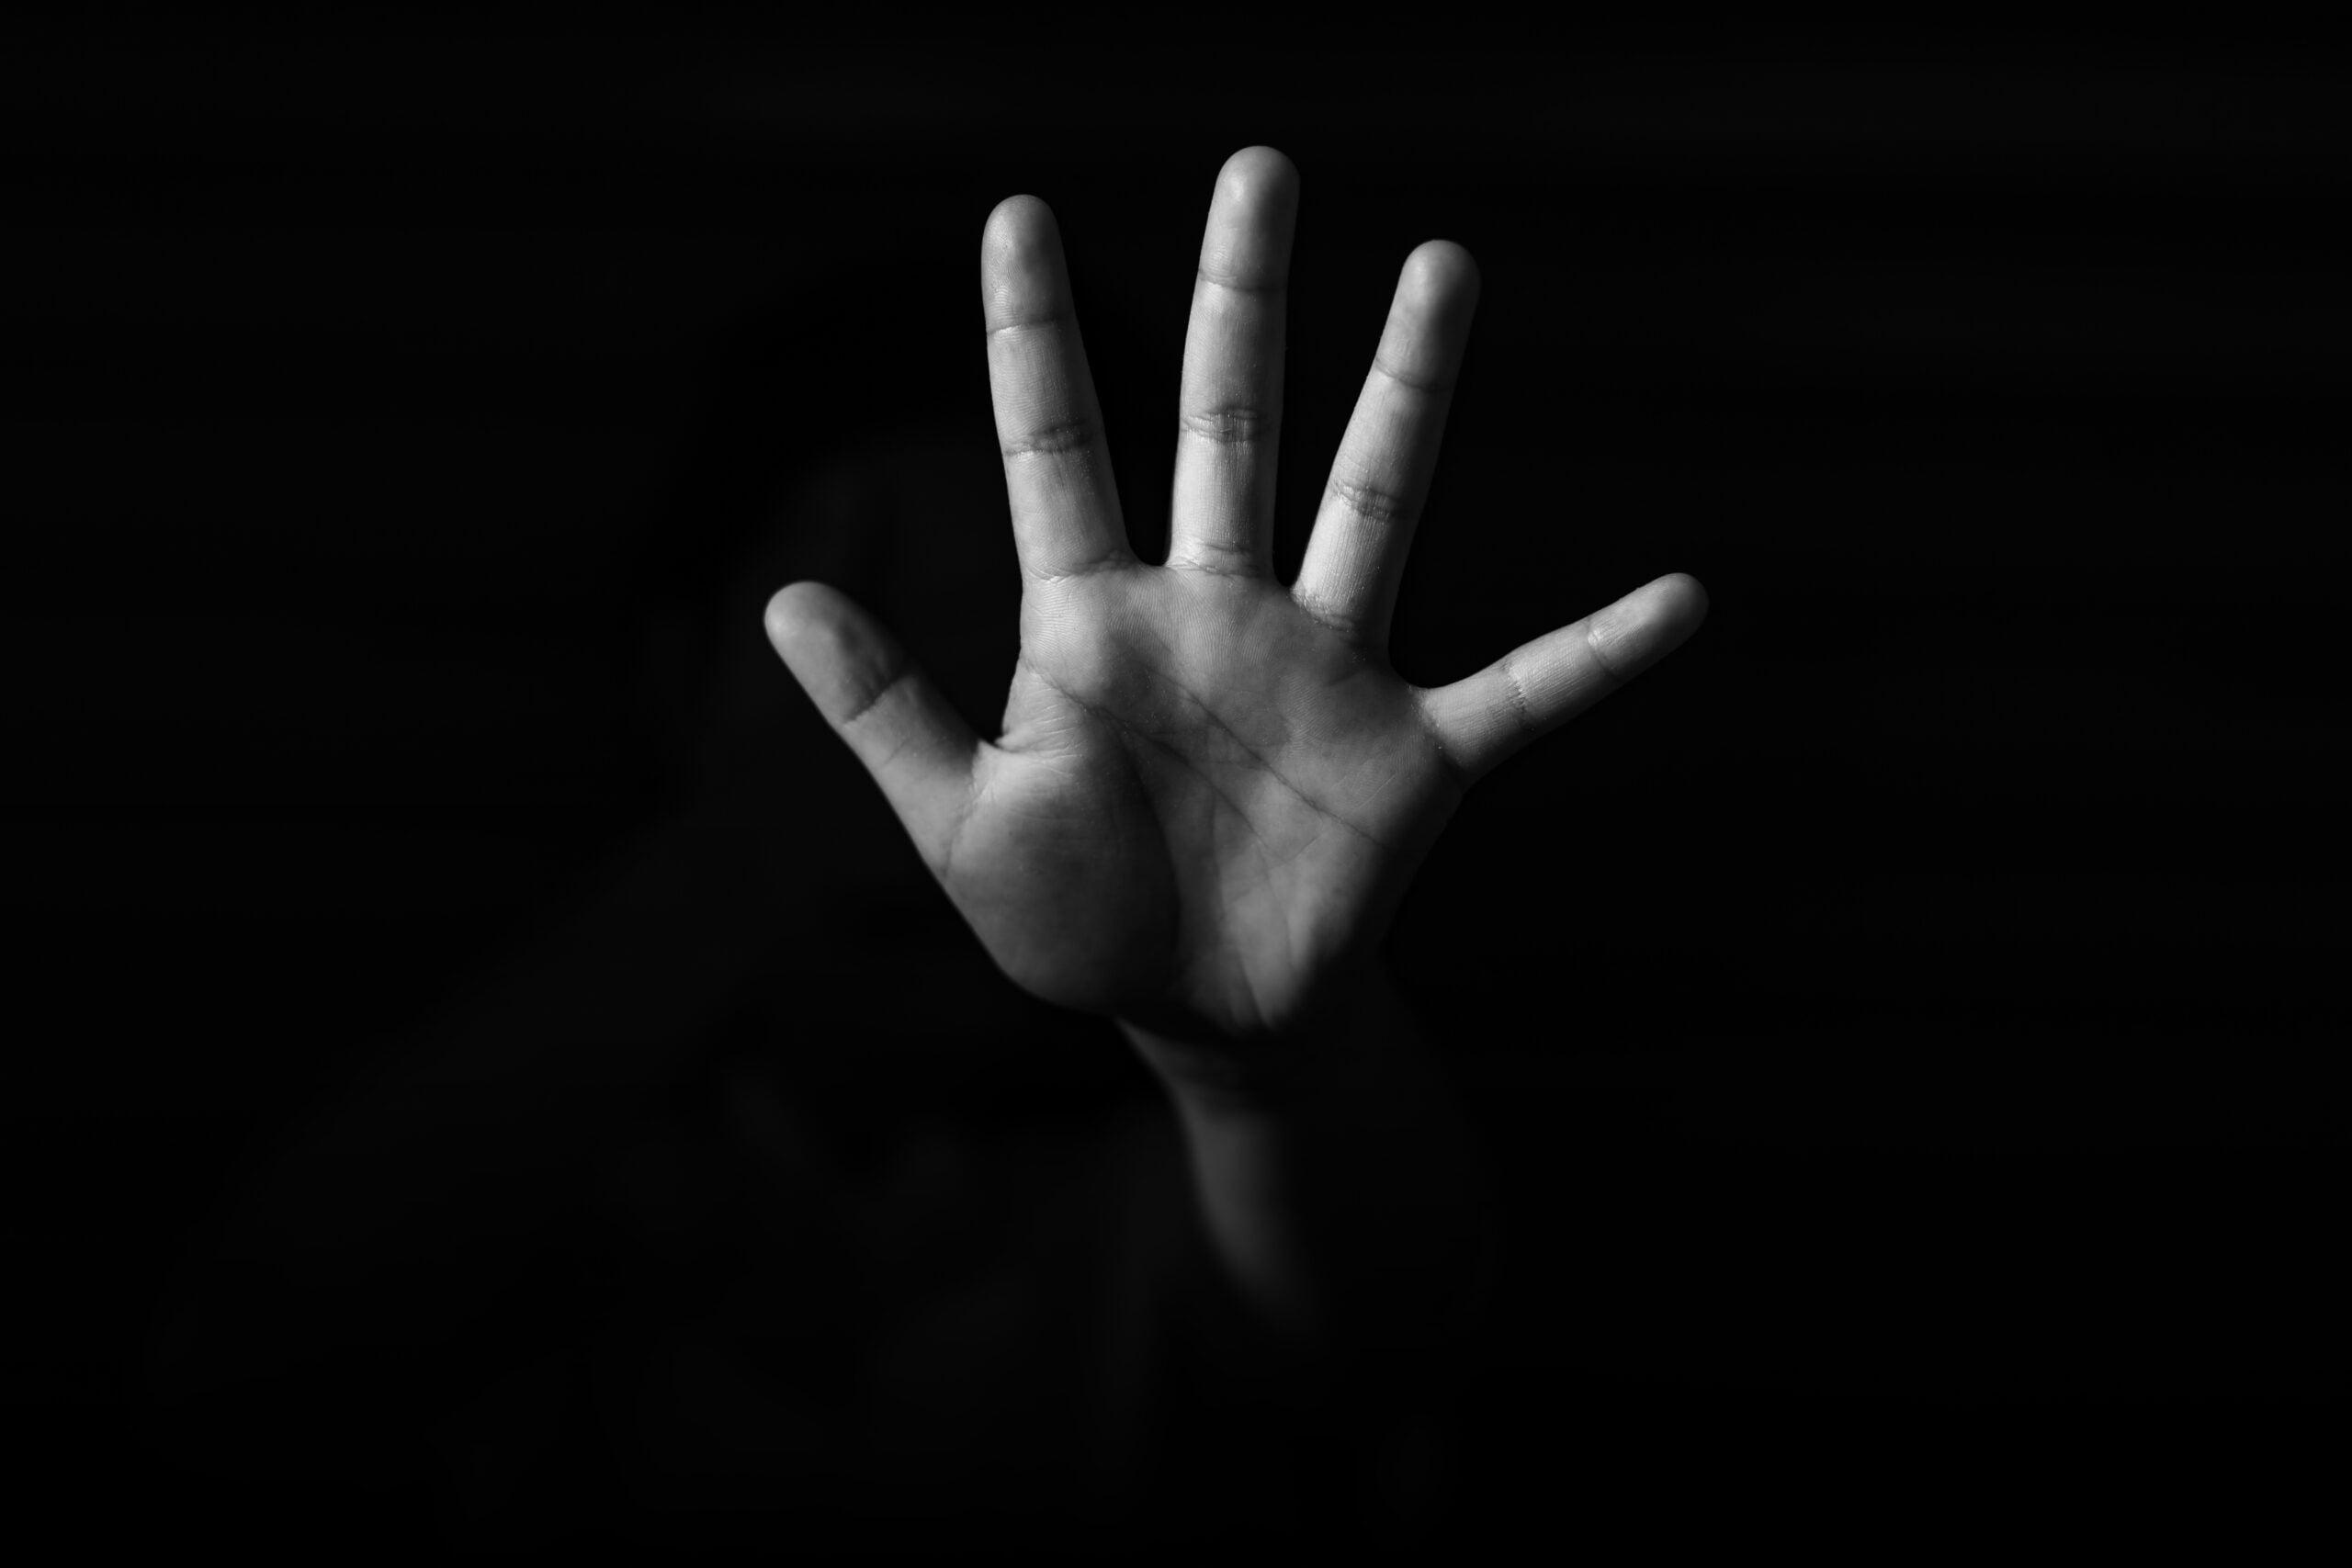 """Foto em preto e branco mostra mão aberta em sinal de """"pare a violência"""""""